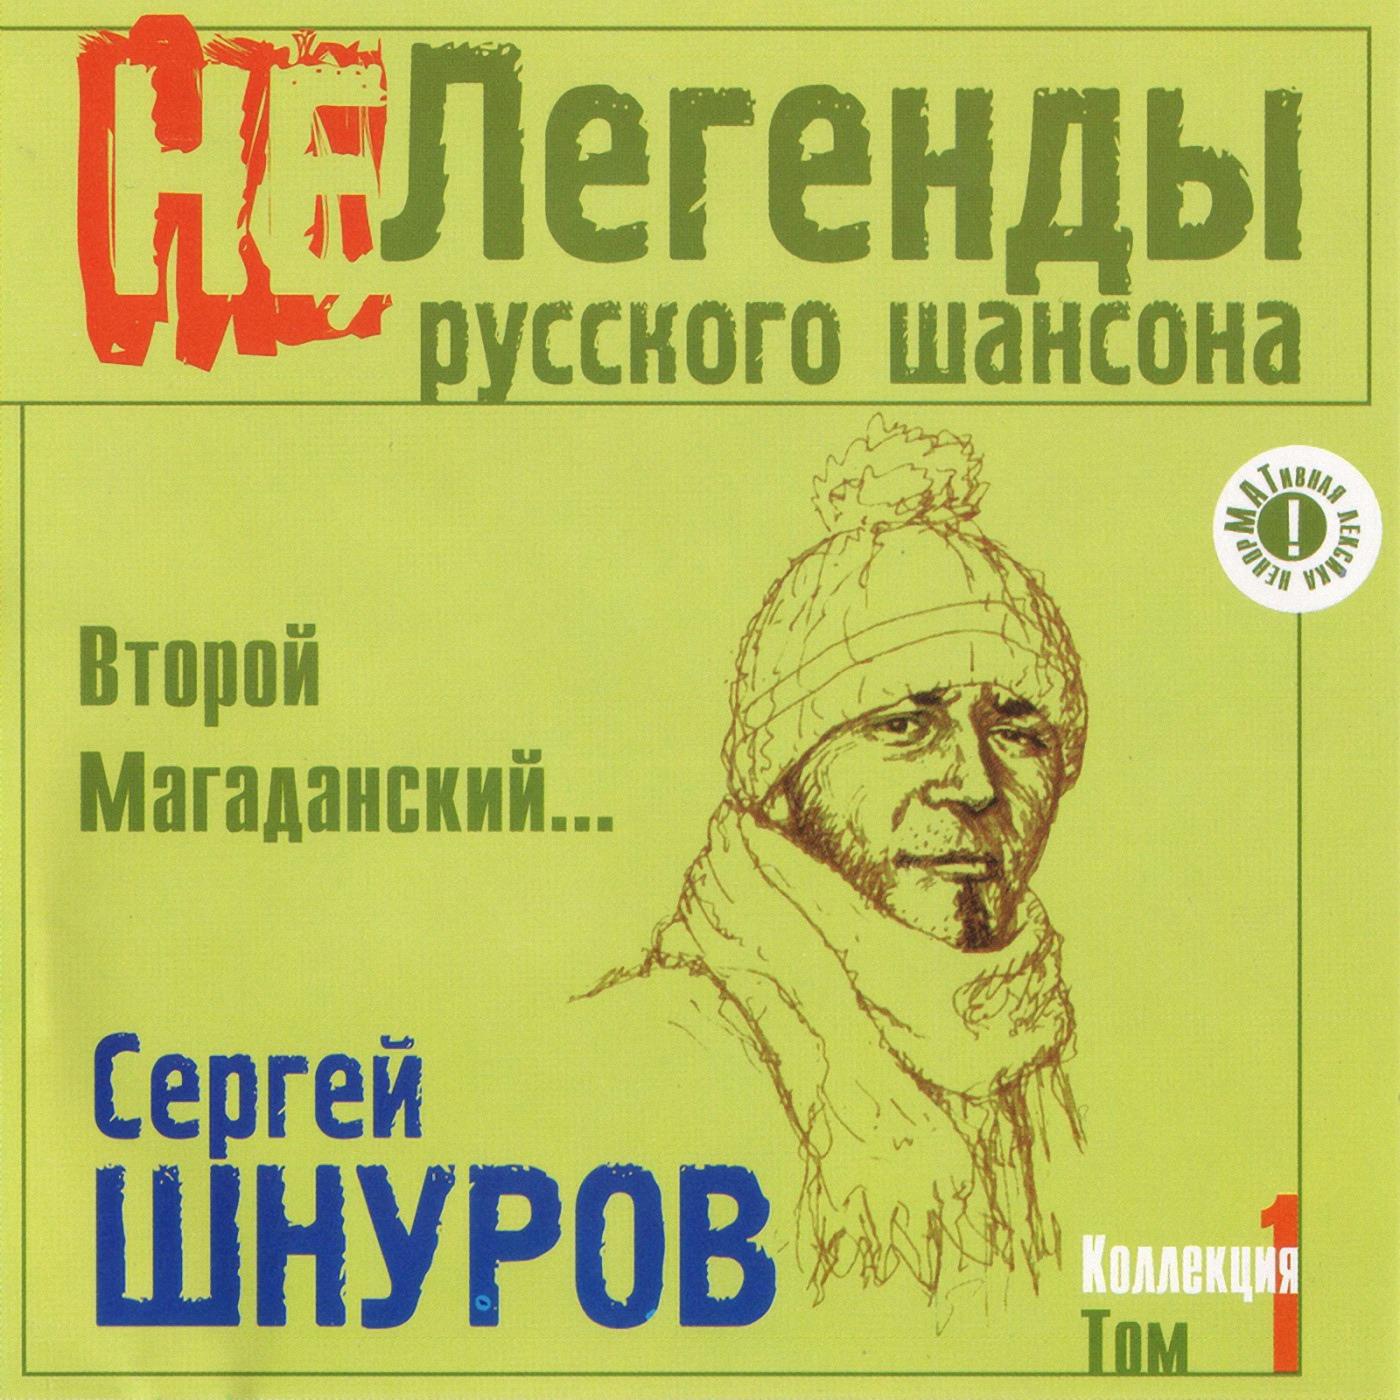 Сергей Шнуров album Второй Магаданский...